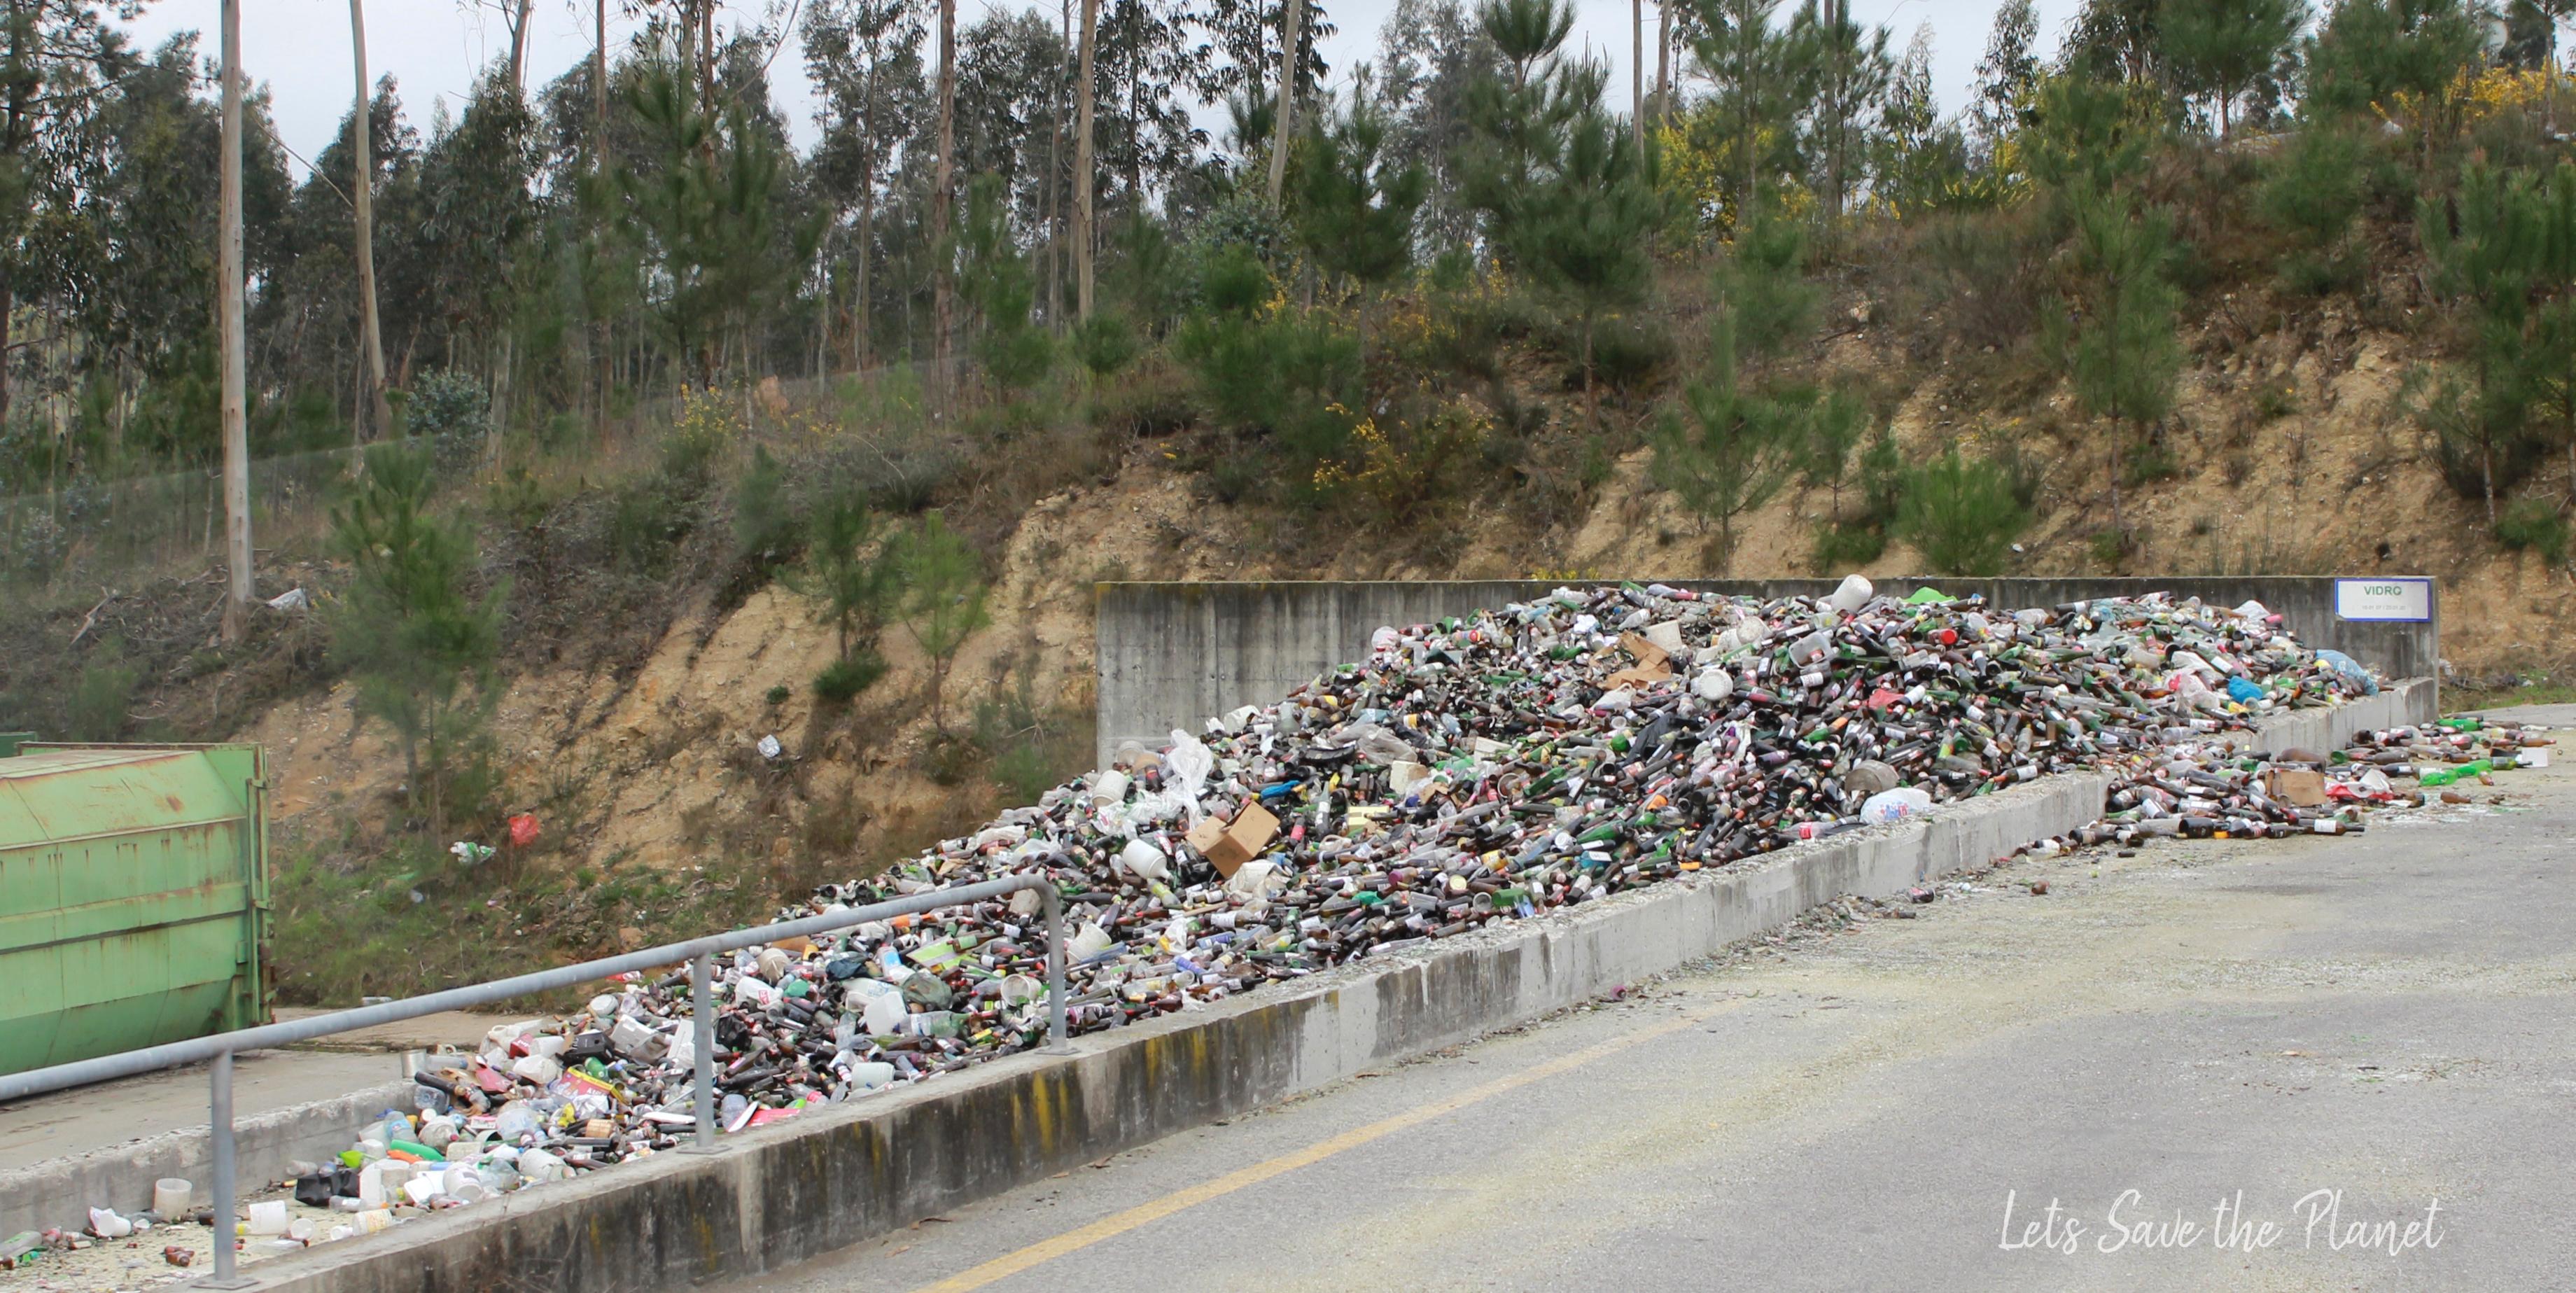 Cais de armazenamento, local onde o vidro é depositado depois de recolhido